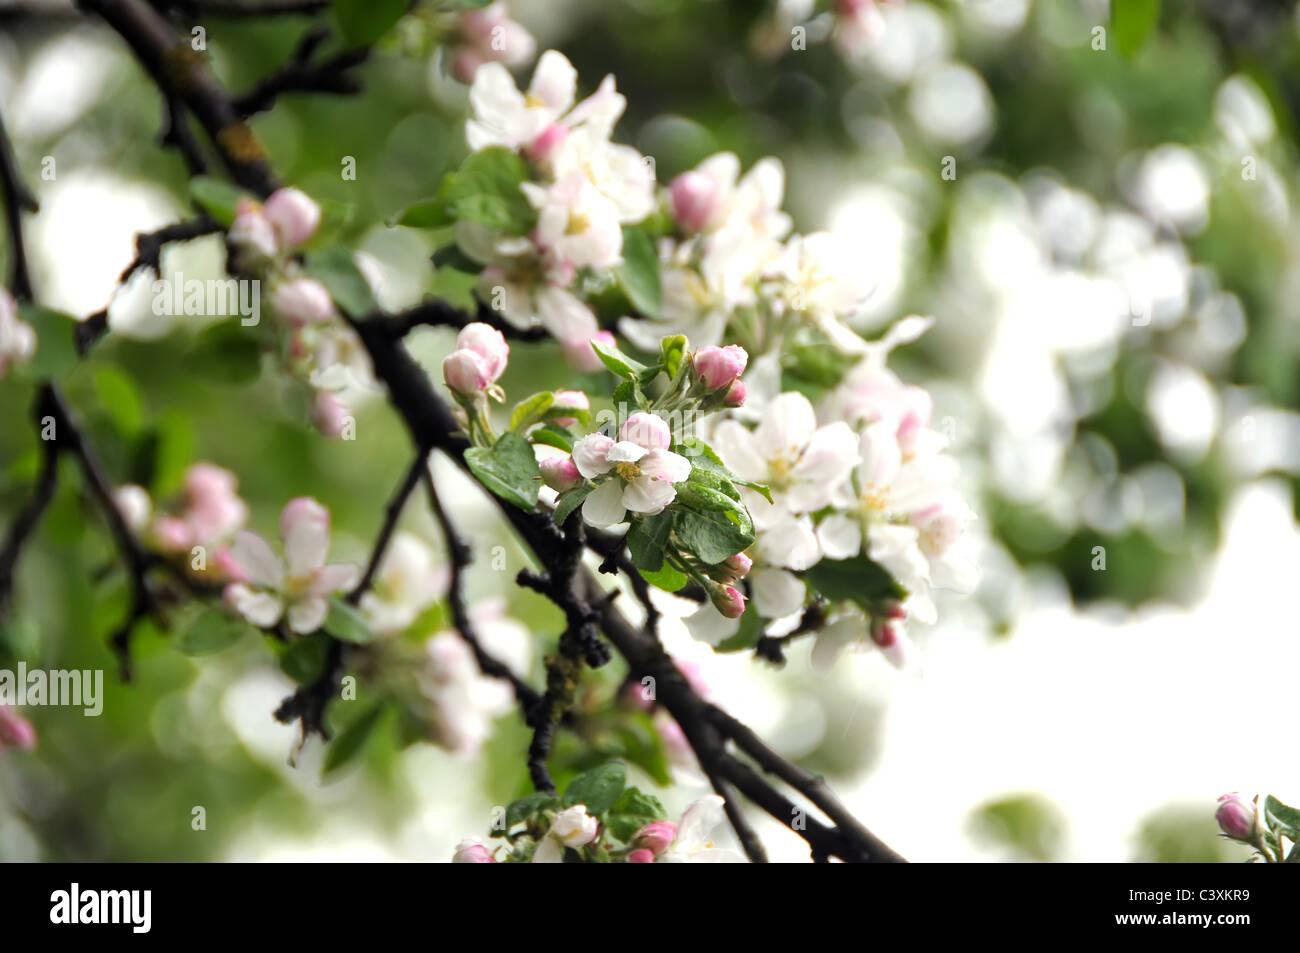 Fiore del melo che fiorisce in primavera tempo Immagini Stock